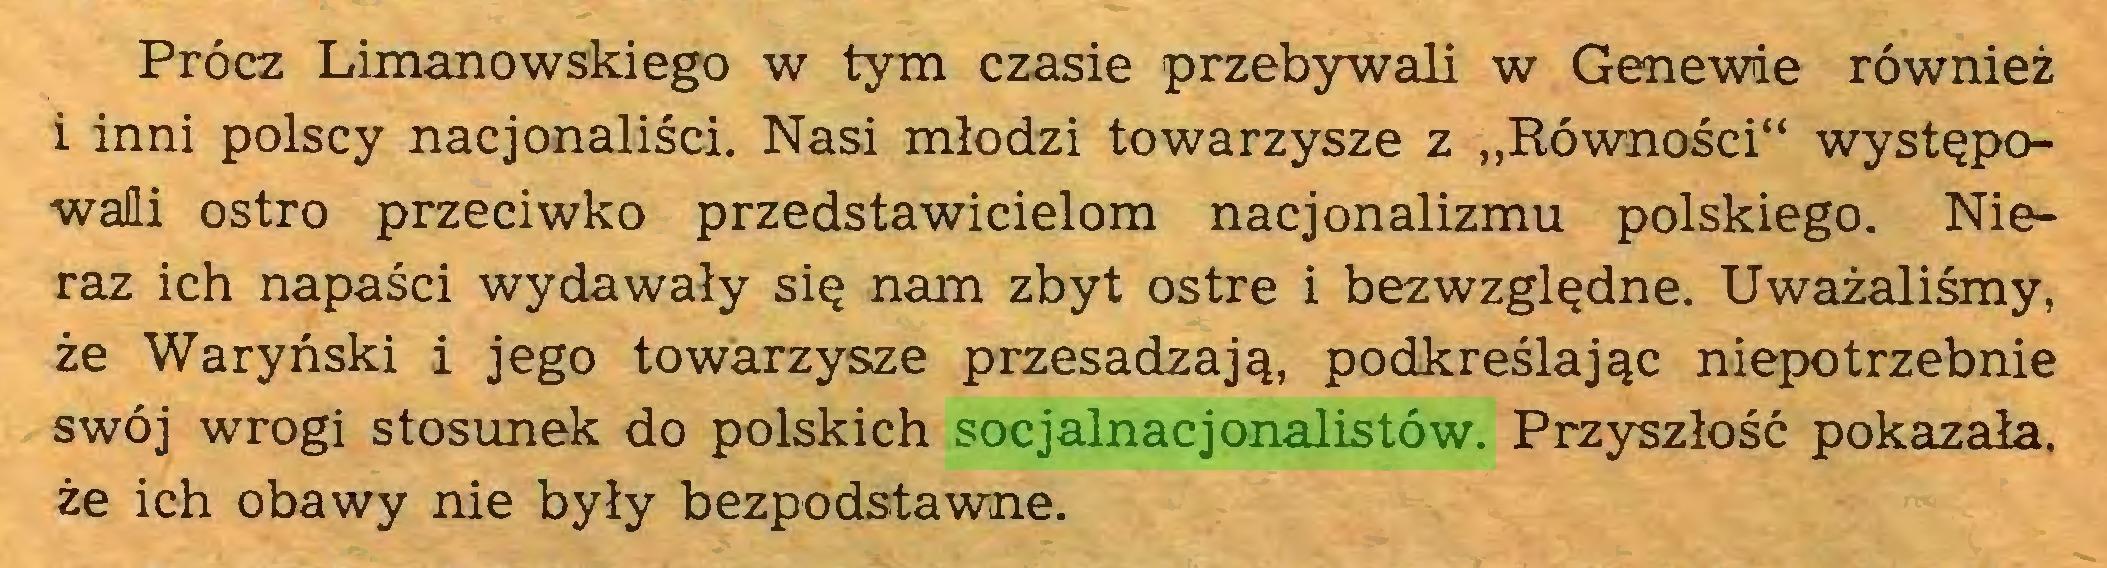 """(...) Prócz Limanowskiego w tym czasie przebywali w Genewie również i inni polscy nacjonaliści. Nasi młodzi towarzysze z """"Równości"""" występowali ostro przeciwko przedstawicielom nacjonalizmu polskiego. Nieraz ich napaści wydawały się nam zbyt ostre i bezwzględne. Uważaliśmy, że Waryński i jego towarzysze przesadzają, podkreślając niepotrzebnie swój wrogi stosunek do polskich socjalnacjonalistów. Przyszłość pokazała, że ich obawy nie były bezpodstawne..."""